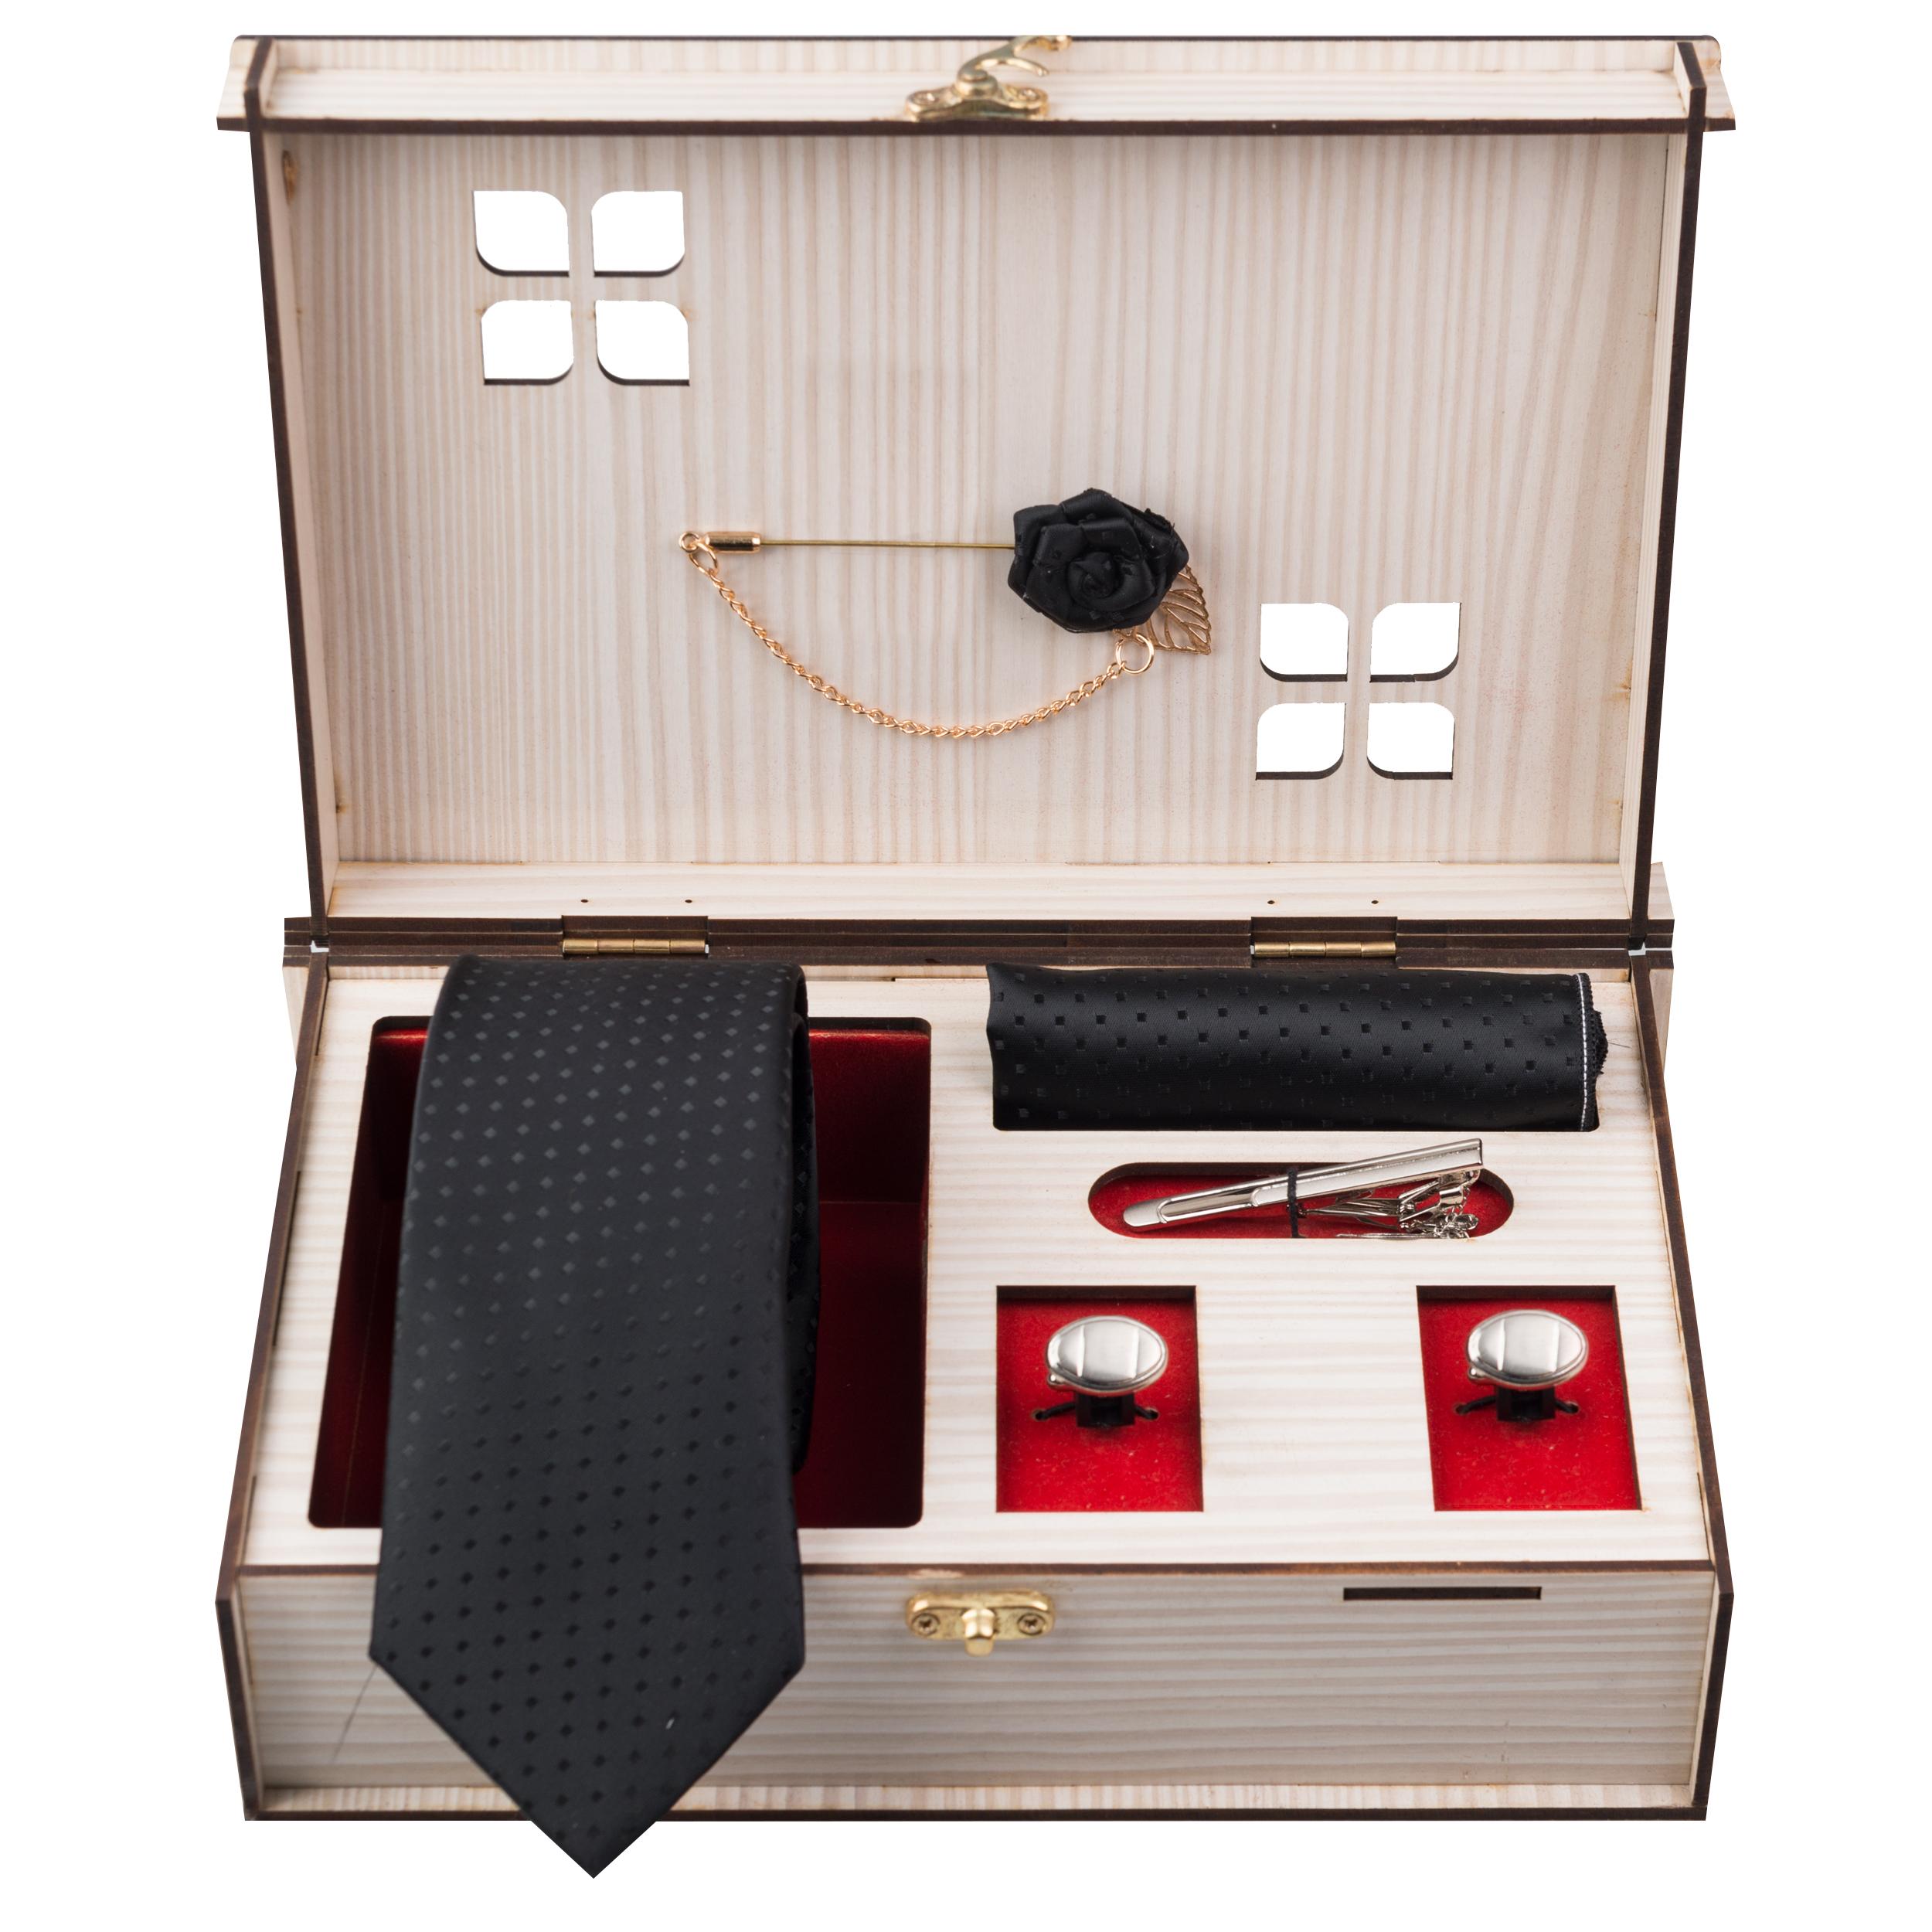 ست کراوات و دستمال جیب و دکمه سردست و گل یقه کت مردانه جیان فرانکو روسی مدل GF-PO939-BK-BOX